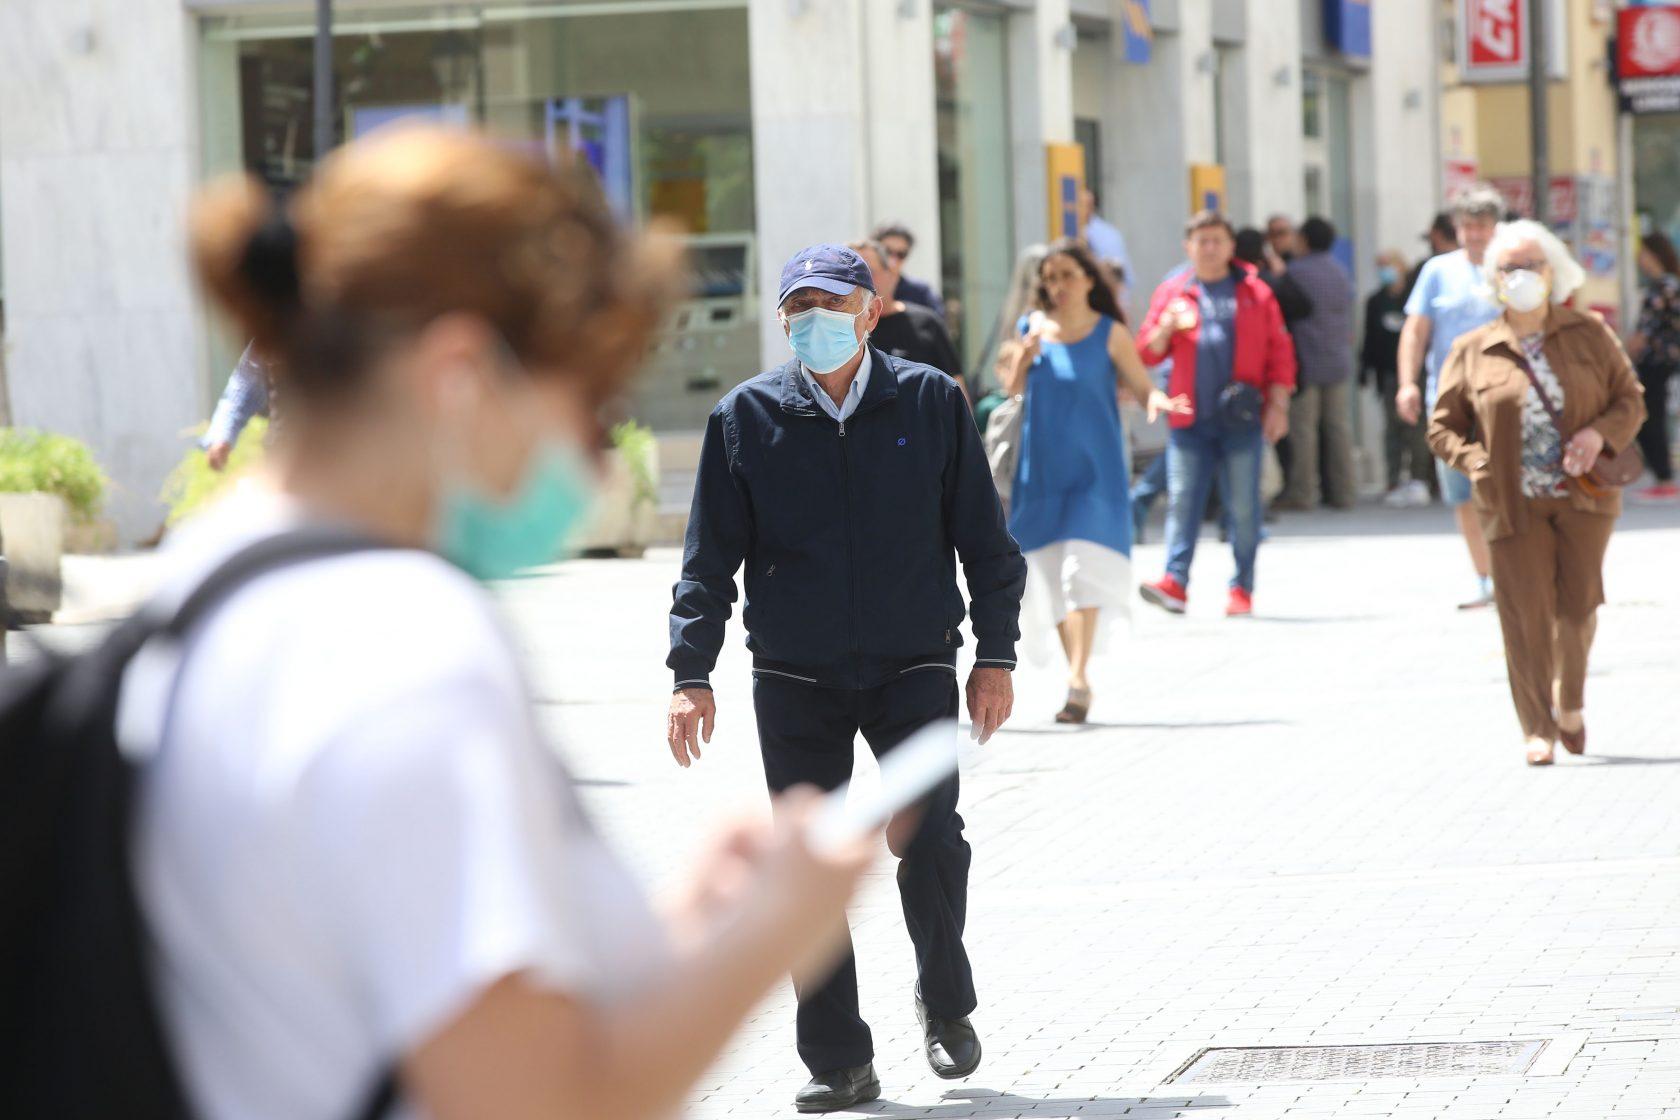 Κορωνοϊος lockdown μέτρα: Ενθαρρυντικά στοιχεία – πότε έρχεται άρση